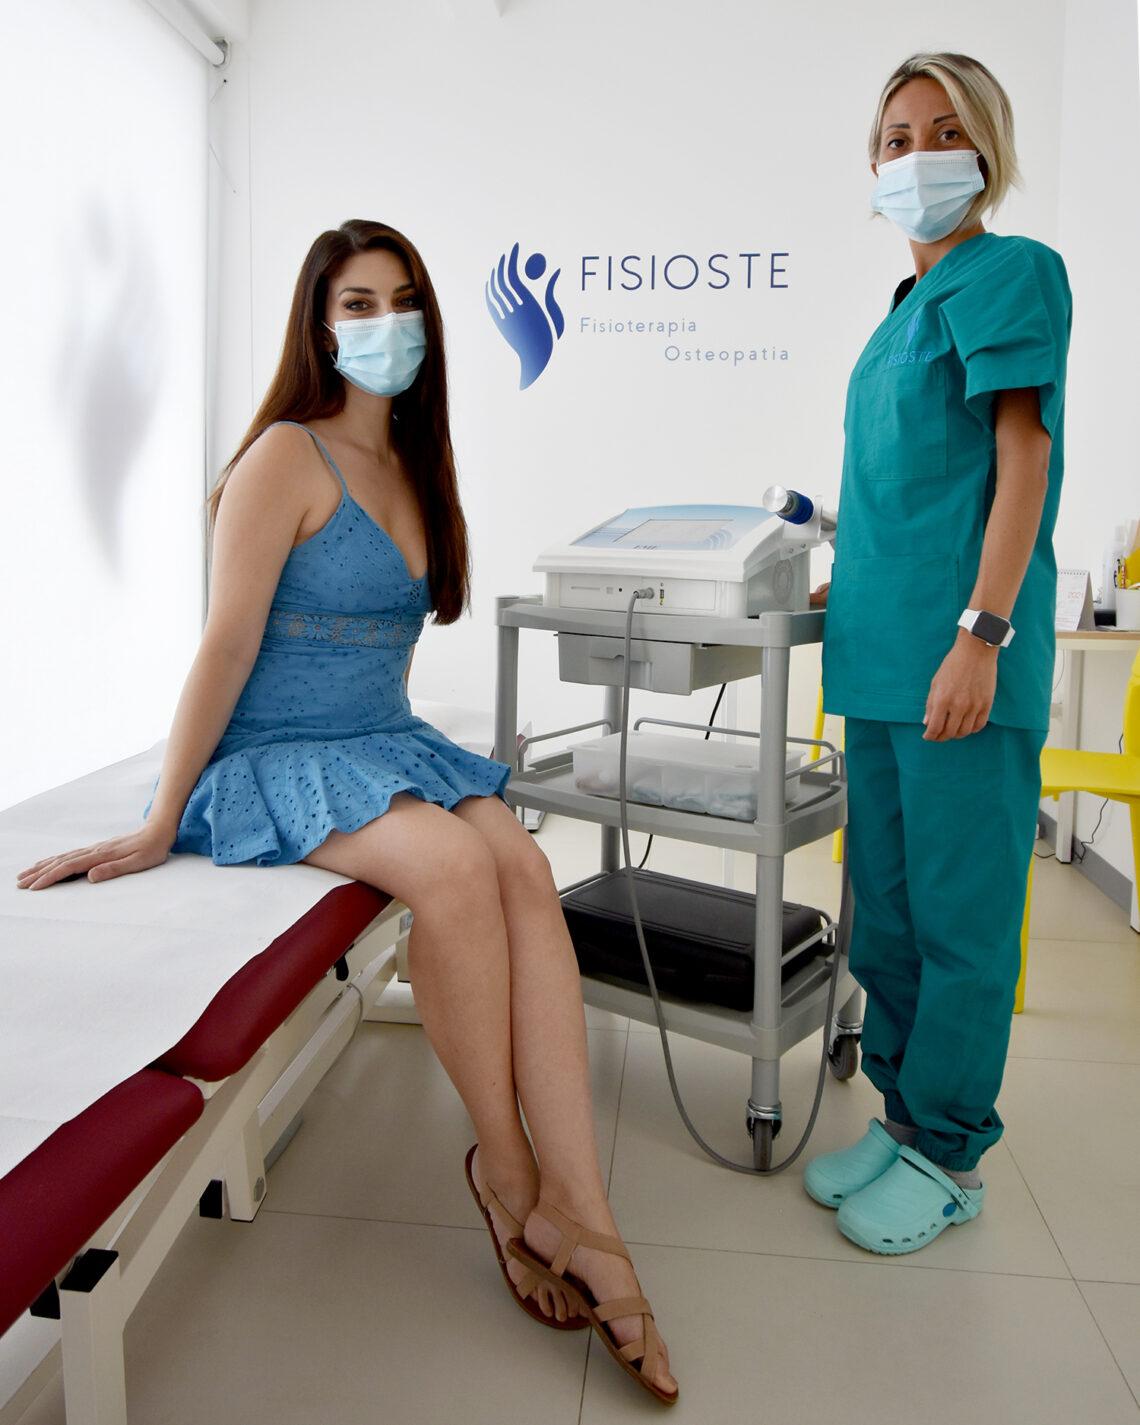 Come ridurre l'addome: trattamenti di fisioestetica a Teramo